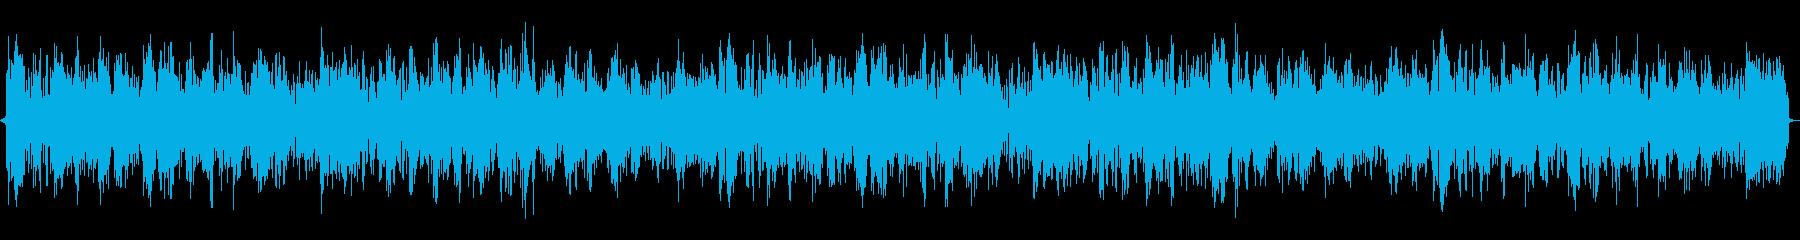 高速トランス 楽器のバッキングにの再生済みの波形